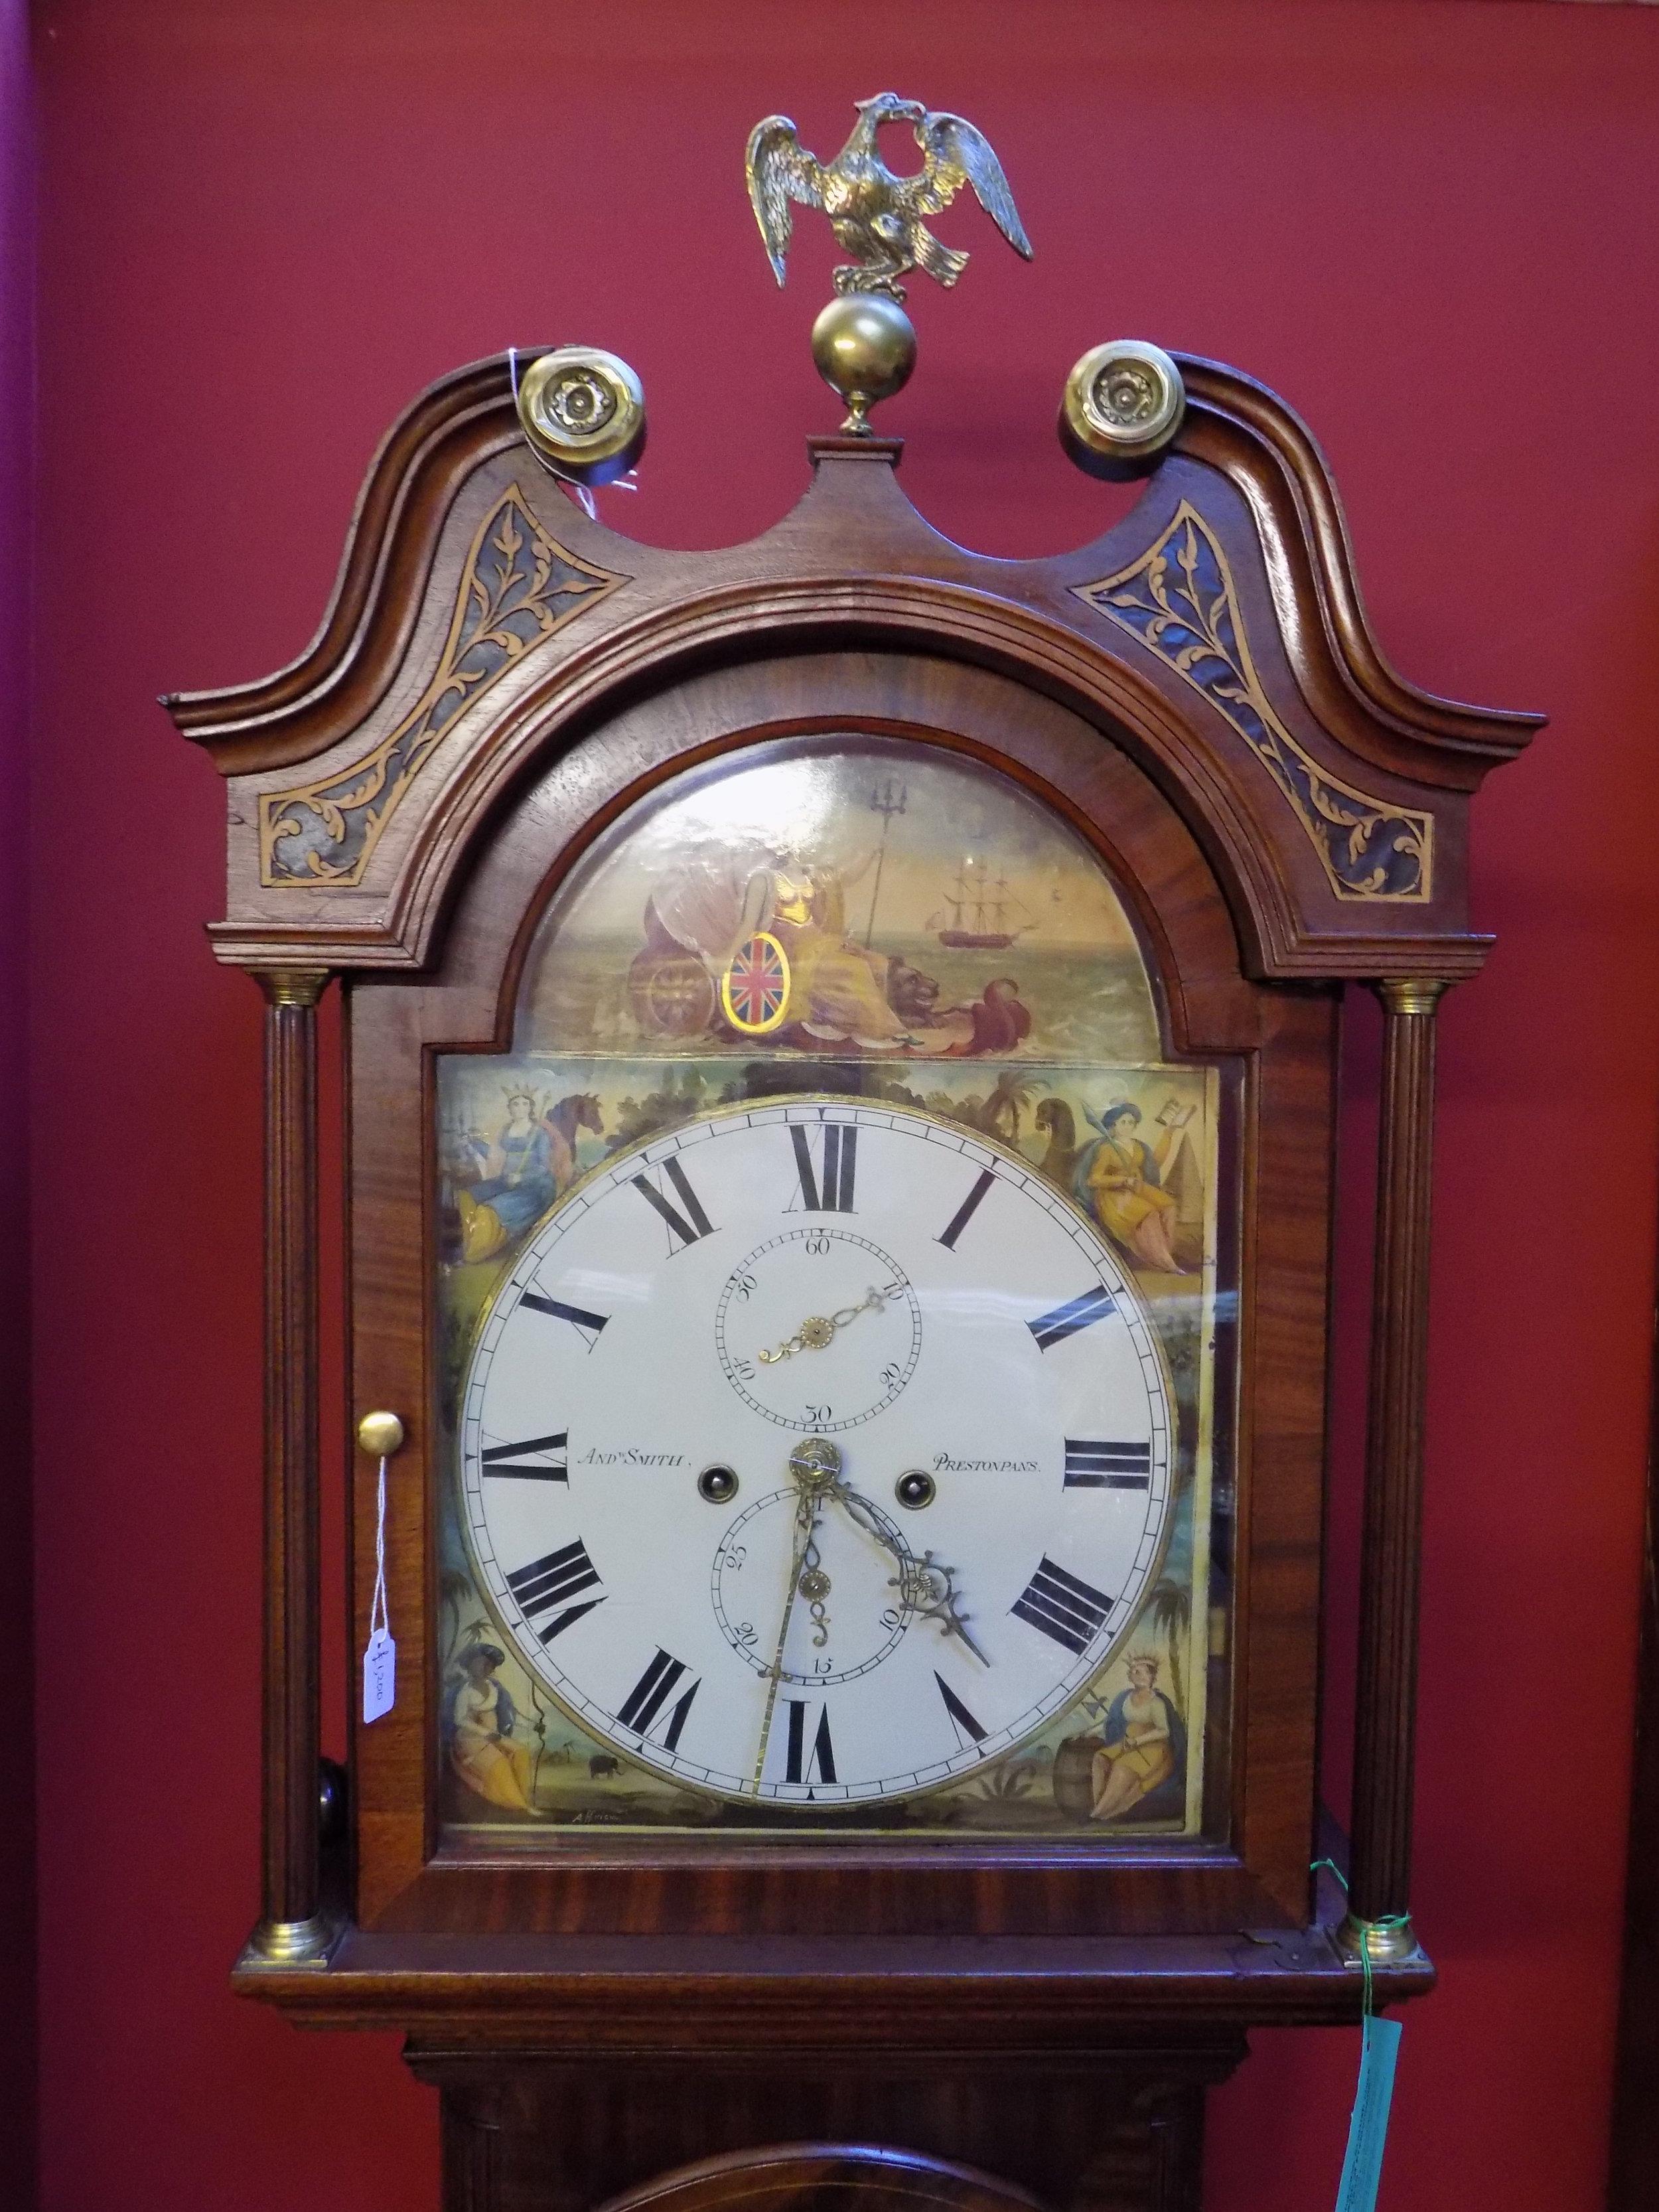 1830 Mahogany longcase clock by Andrew smith of Prestonpans Edinburgh £1200